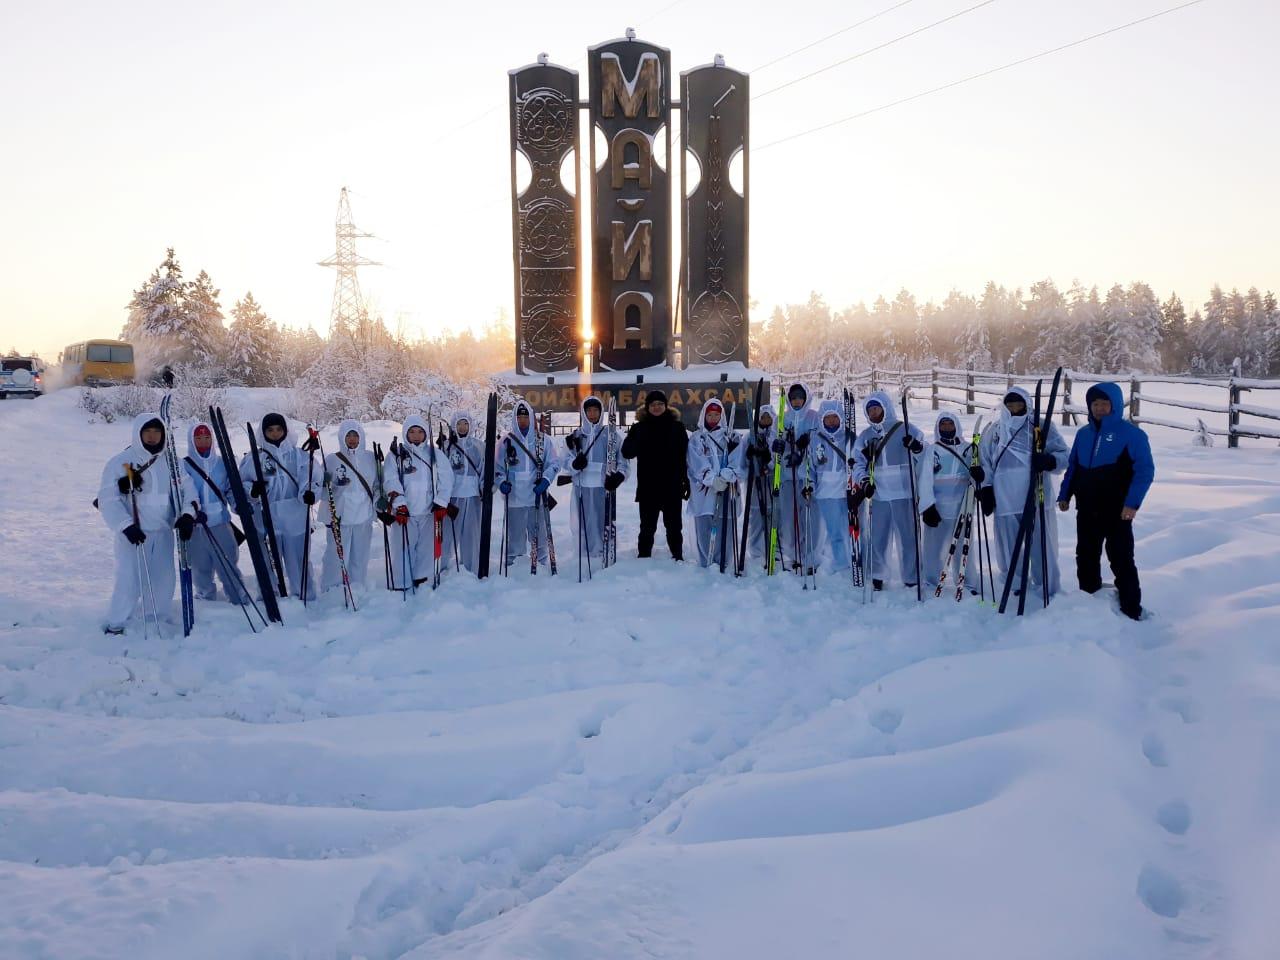 Спортсмены Мегино-Кангаласского района пробежали на лыжах в честь дня рождения героя войны Федора Попова